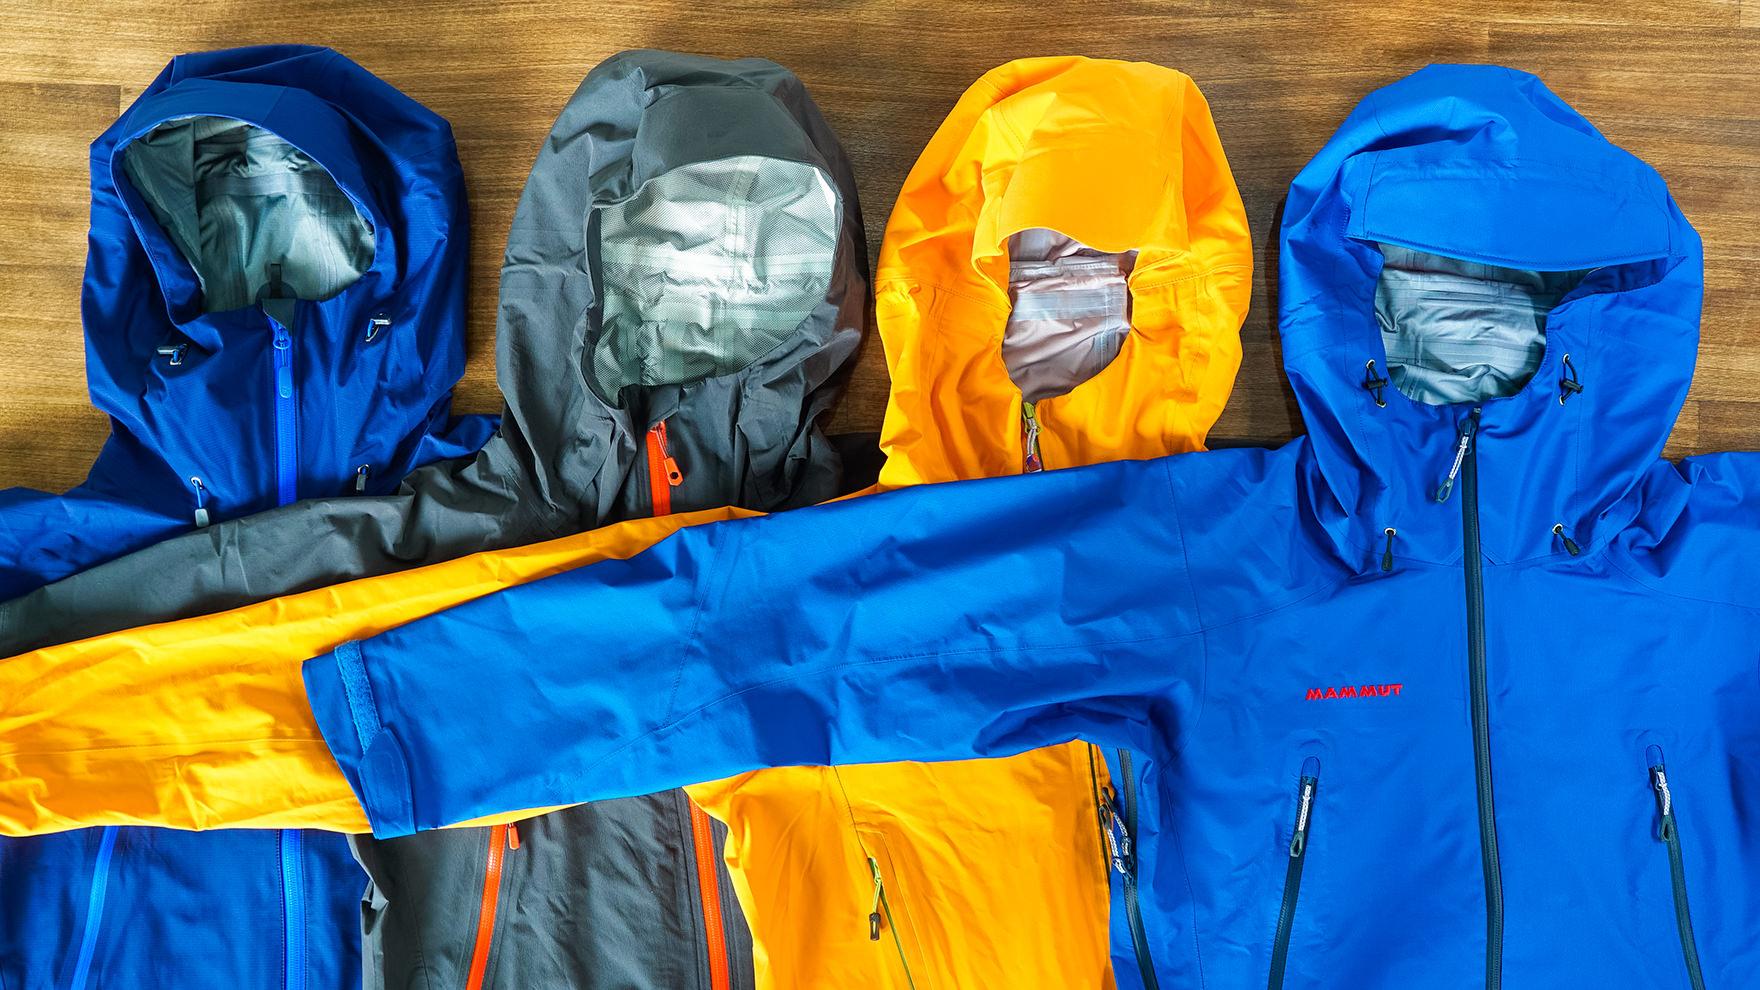 今シーズン見逃せない登山向けレインウェア【ハイキングやトレッキングに】